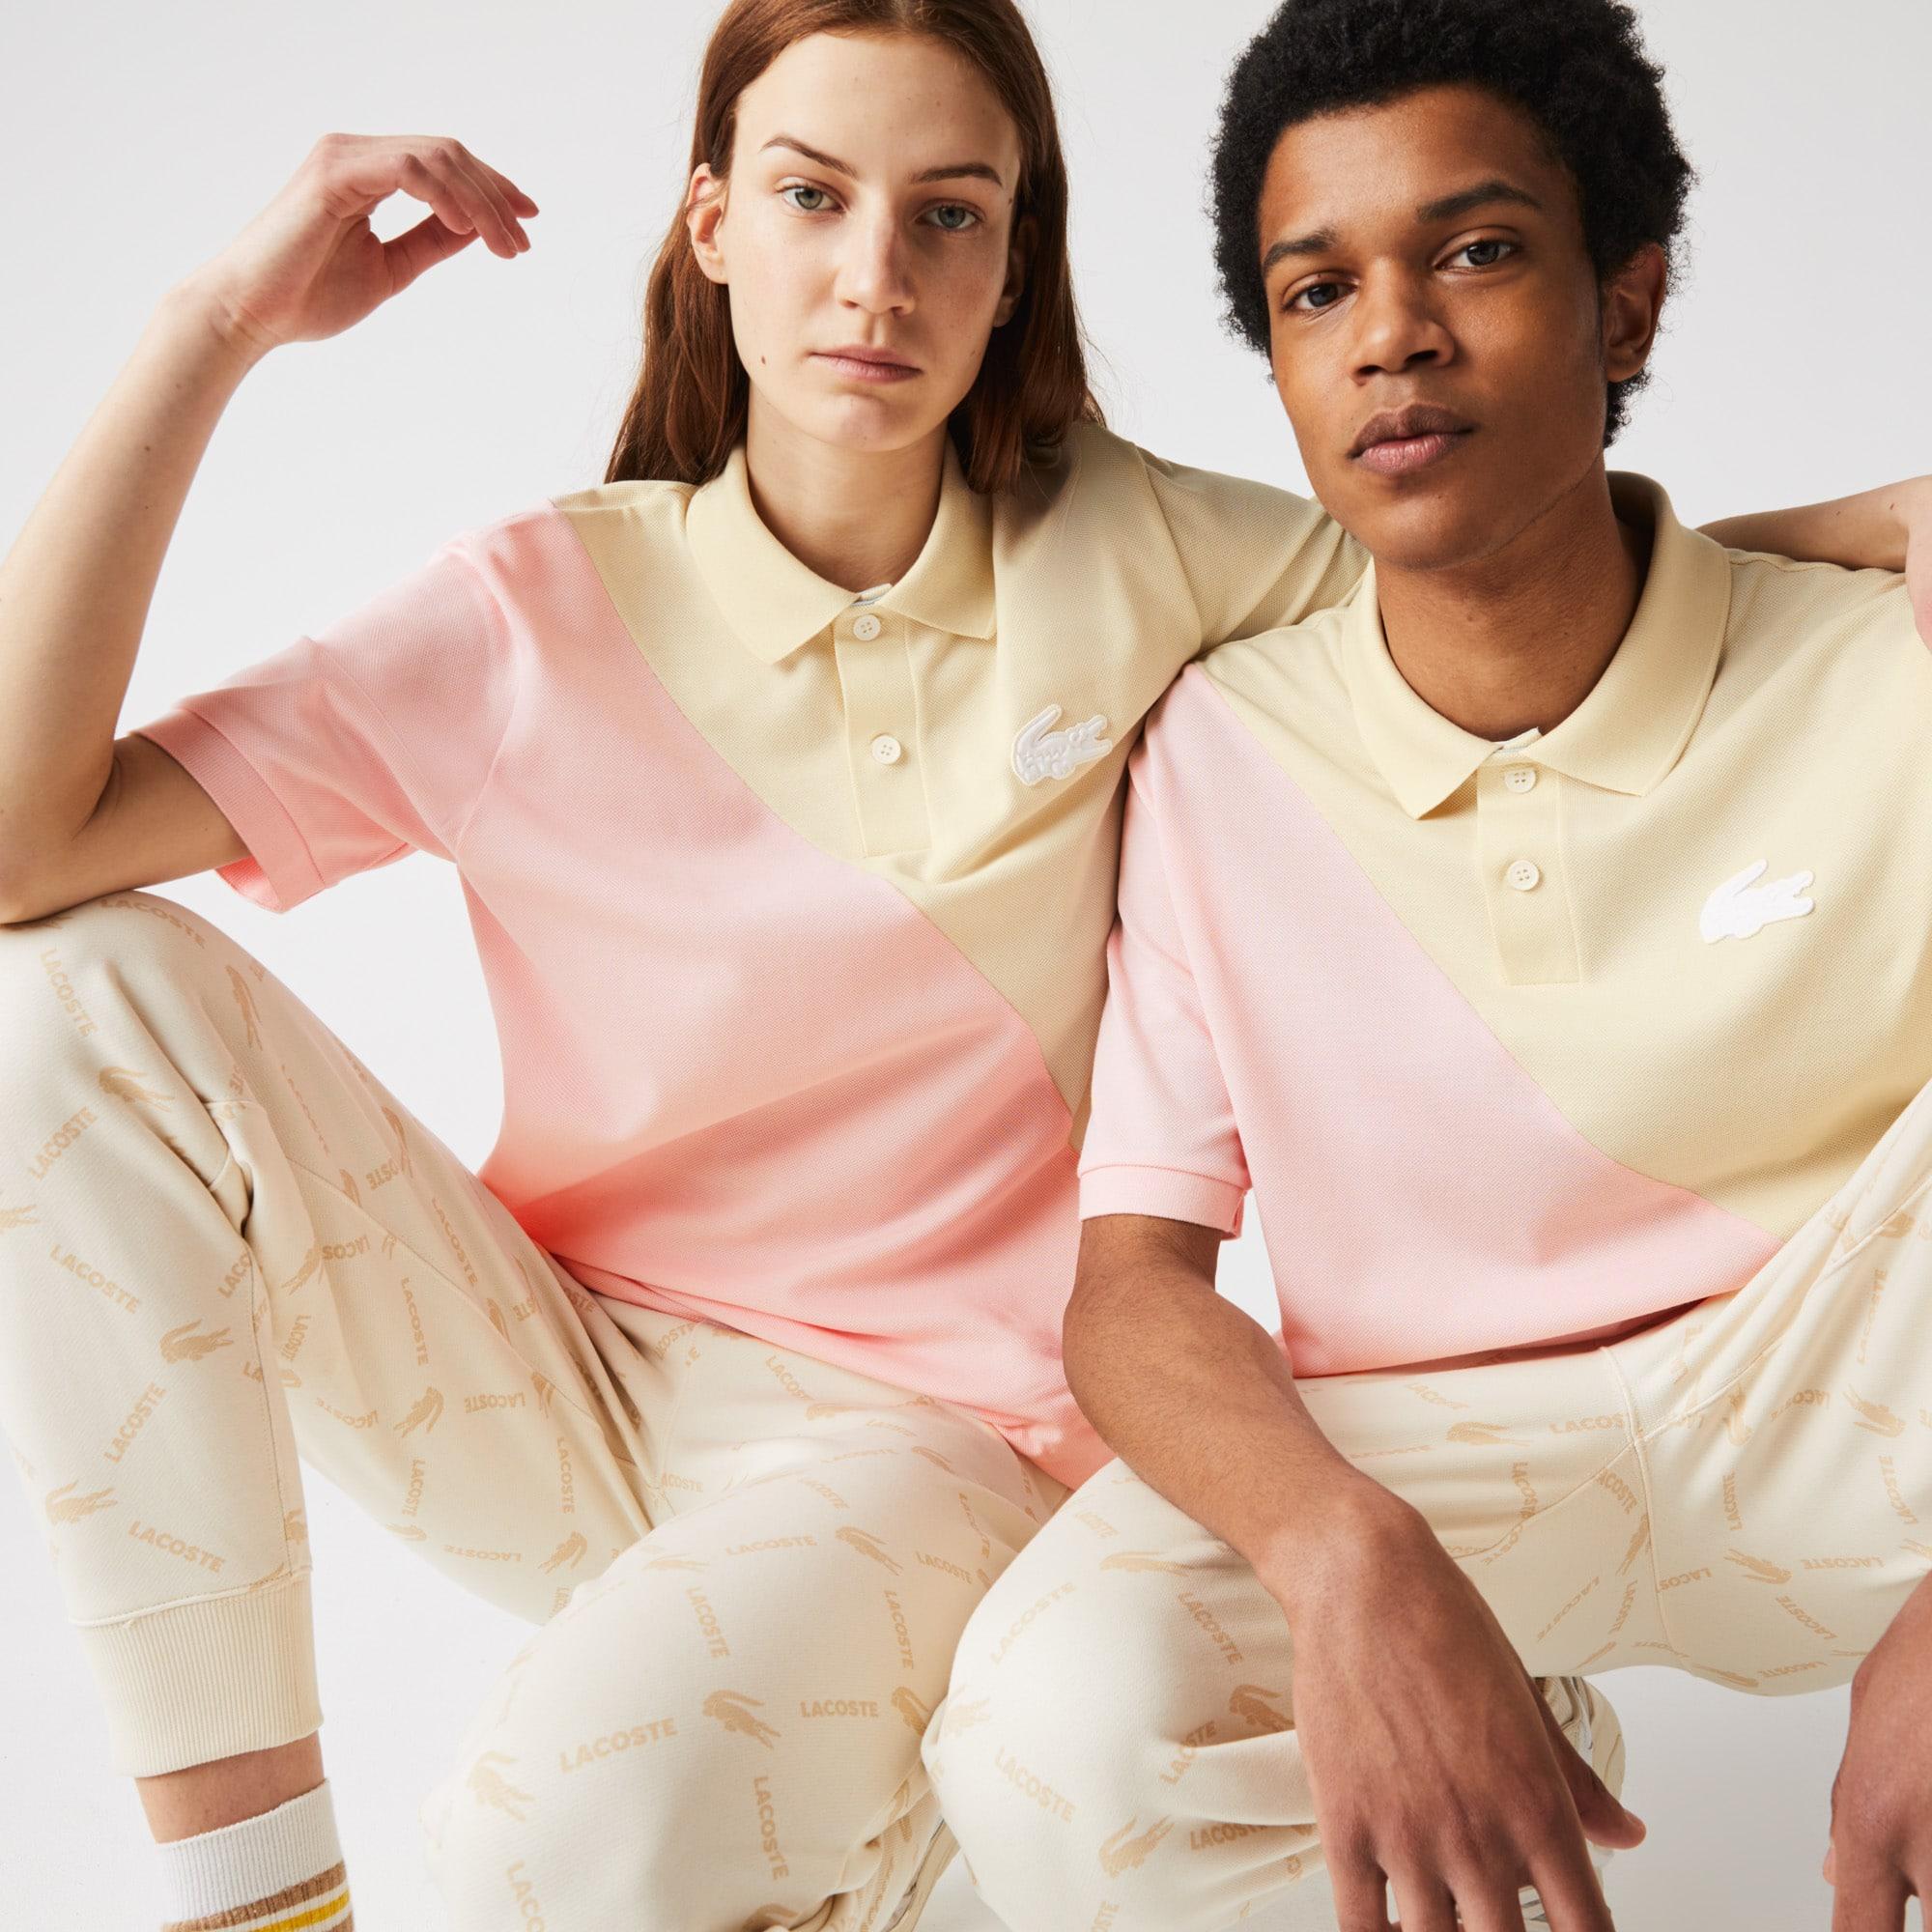 Polo Lacoste LIVE loose fit unisexe en piqué de coton color-block Taille 8 - 3XL Beige / Rose Pale